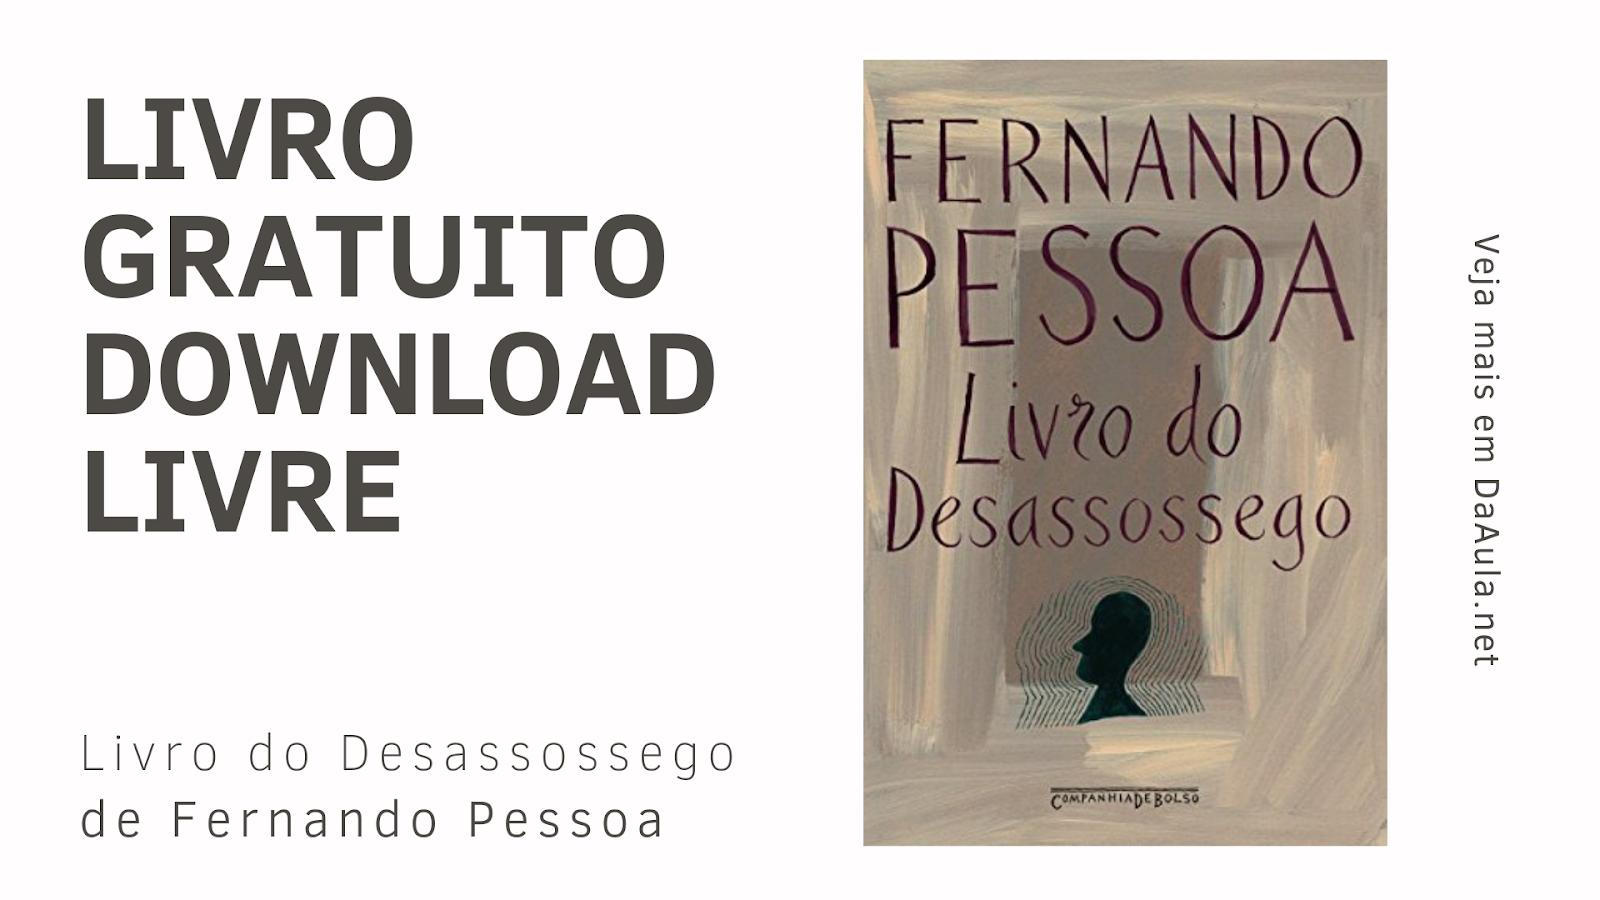 Livro do Desassossego de Fernando Pessoa